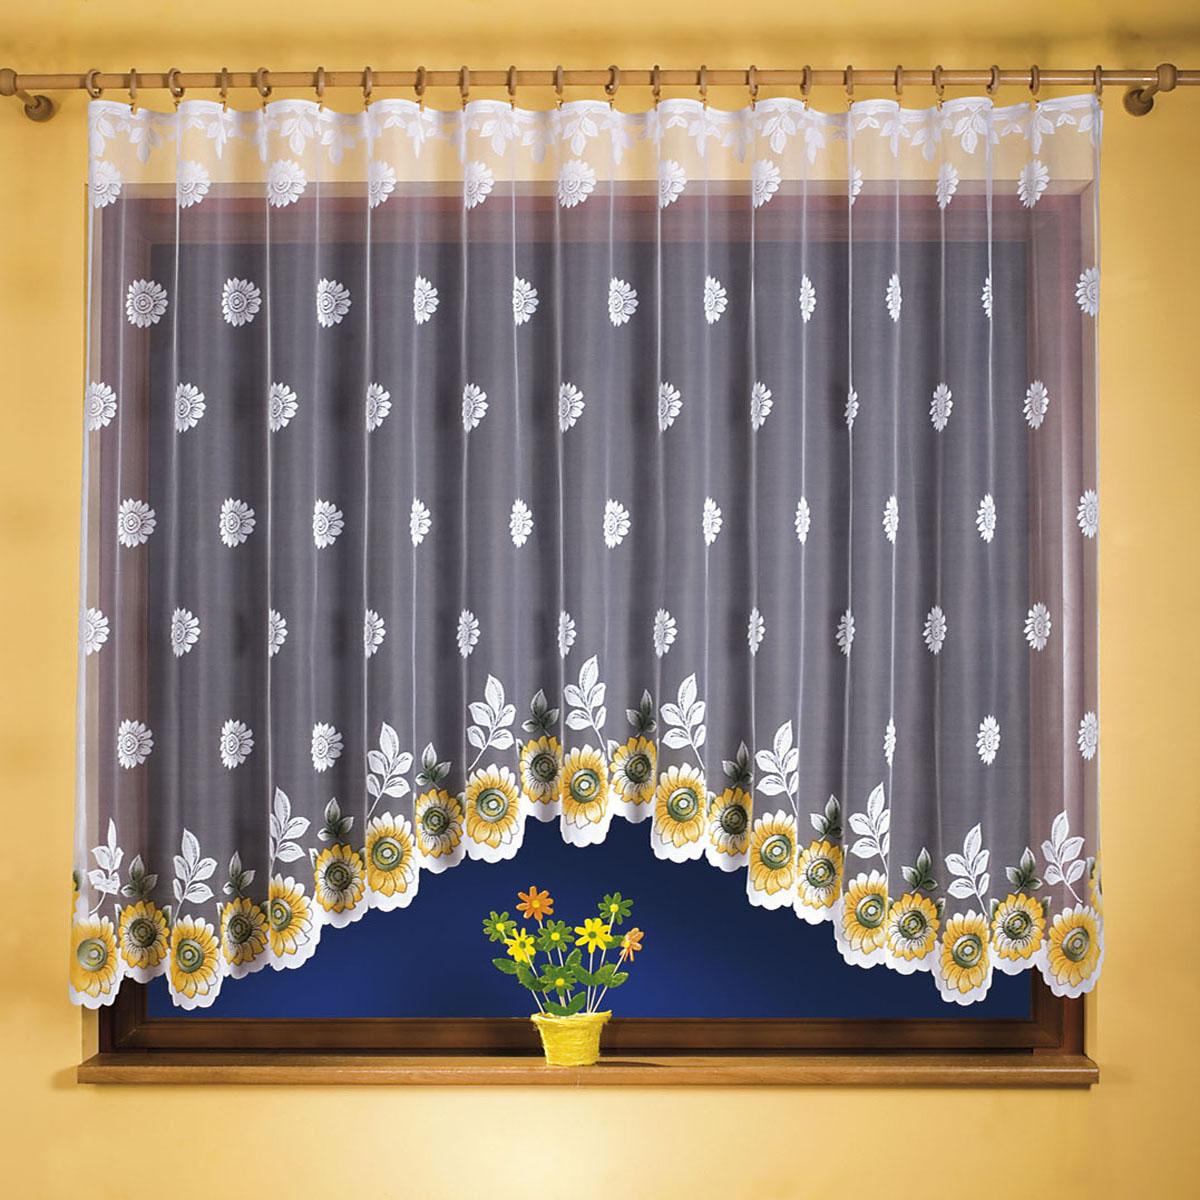 Гардина Wisan, цвет: белый, ширина 300 см, высота 150 см. 97709770Гардина жаккардовая, крепление зажимы для штор.Размеры: ширина 300*высота 150